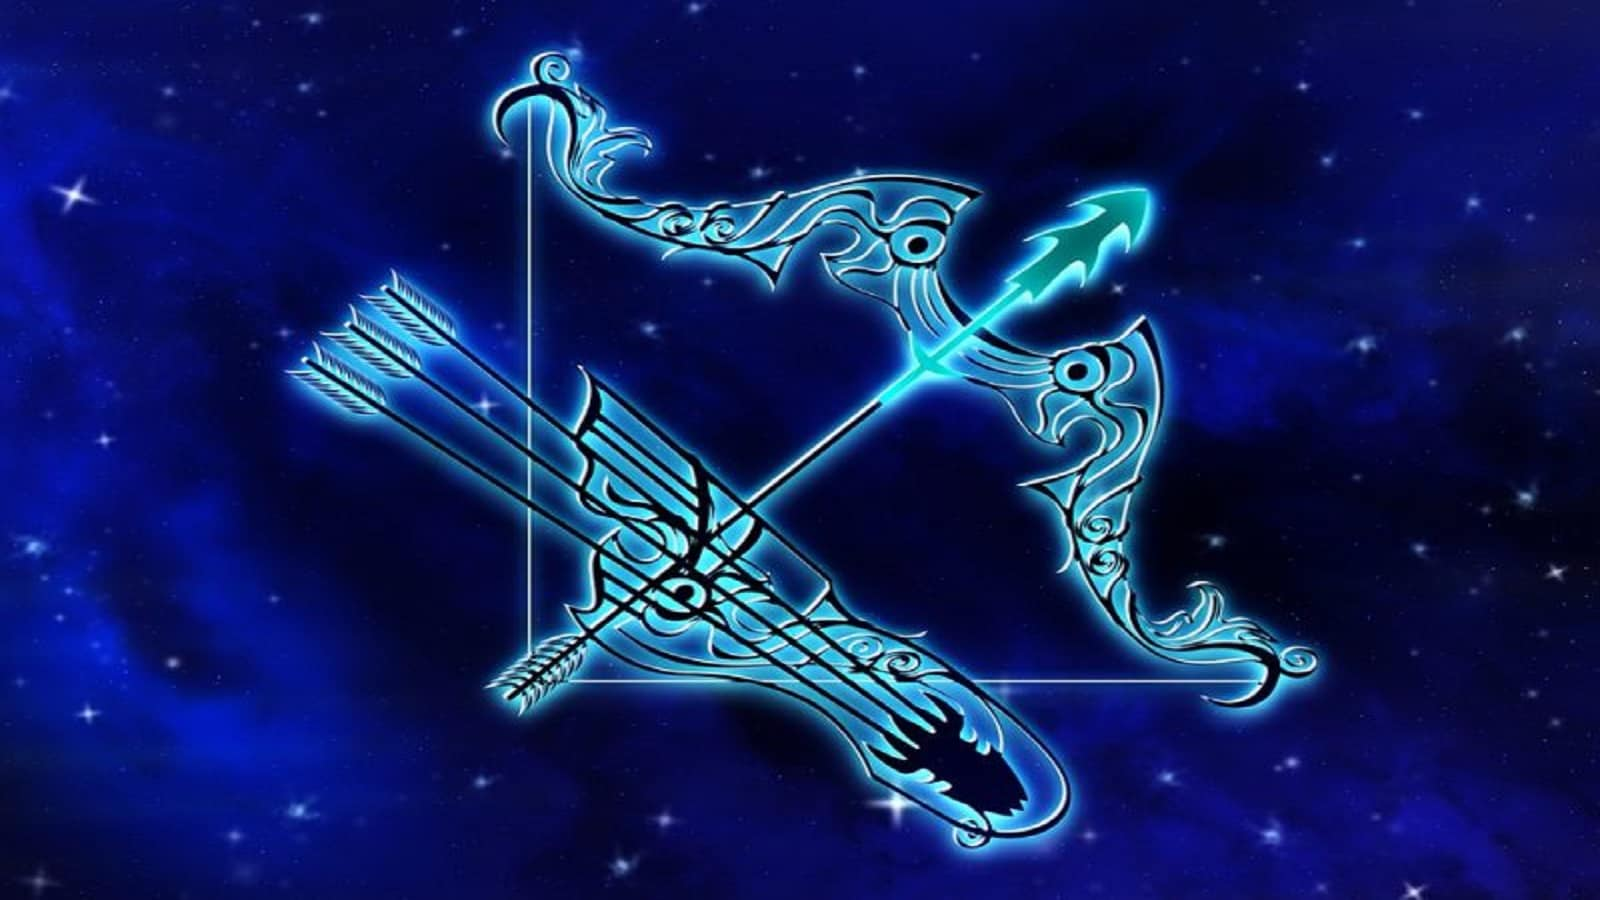 ধনু- আর্থিক পরিস্থিতি উন্নত হবে। লগ্নির ফলে লাভ সম্ভব। সন্তানের বিবাহ চিন্তা থাকবে। নিজের অধিকারের দুর্ব্যবহার করবেন না, ক্ষতি হতে পারে।